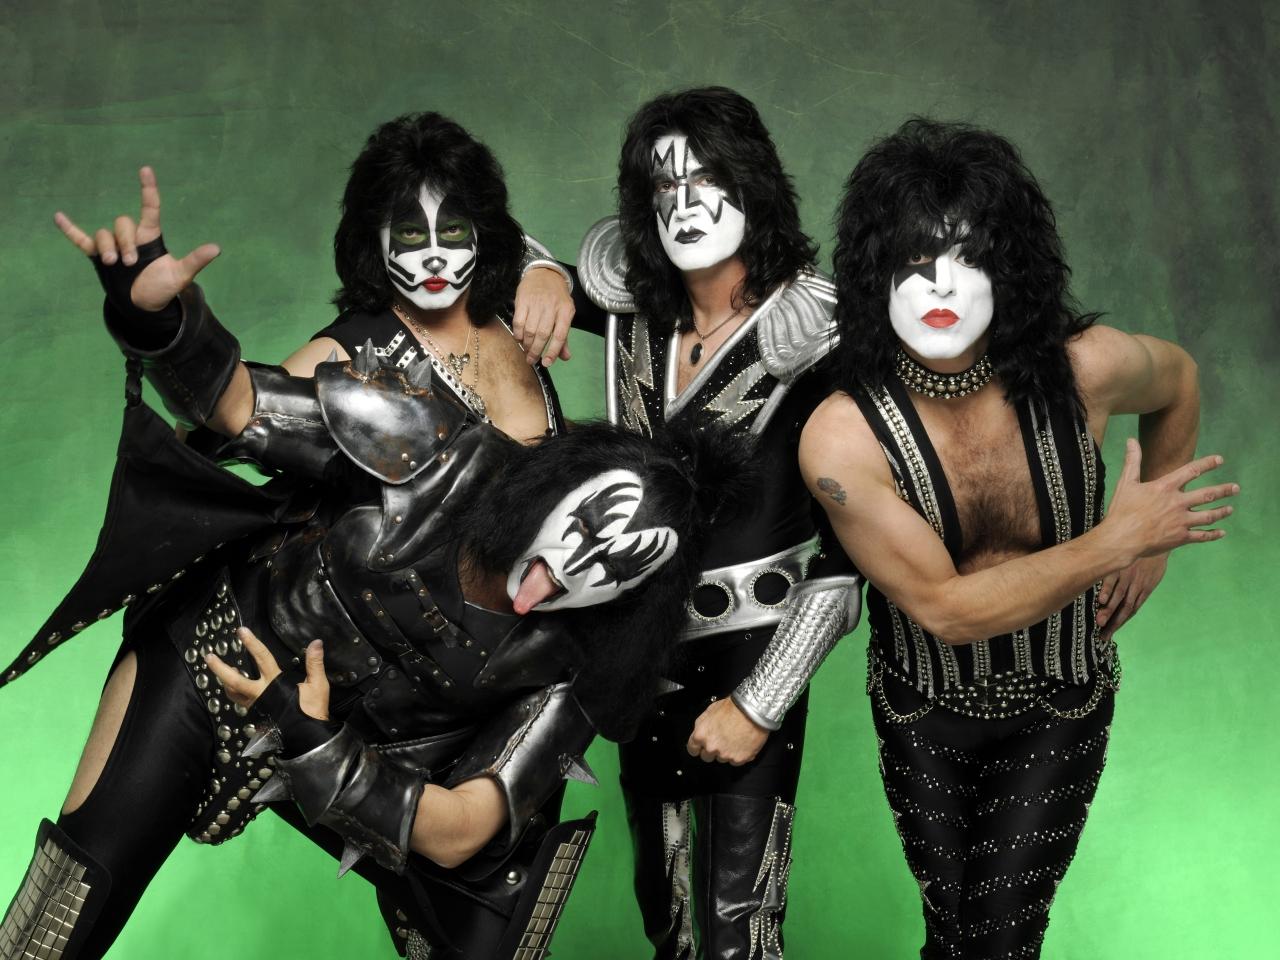 Las caras pintadas de Kiss - 1280x960